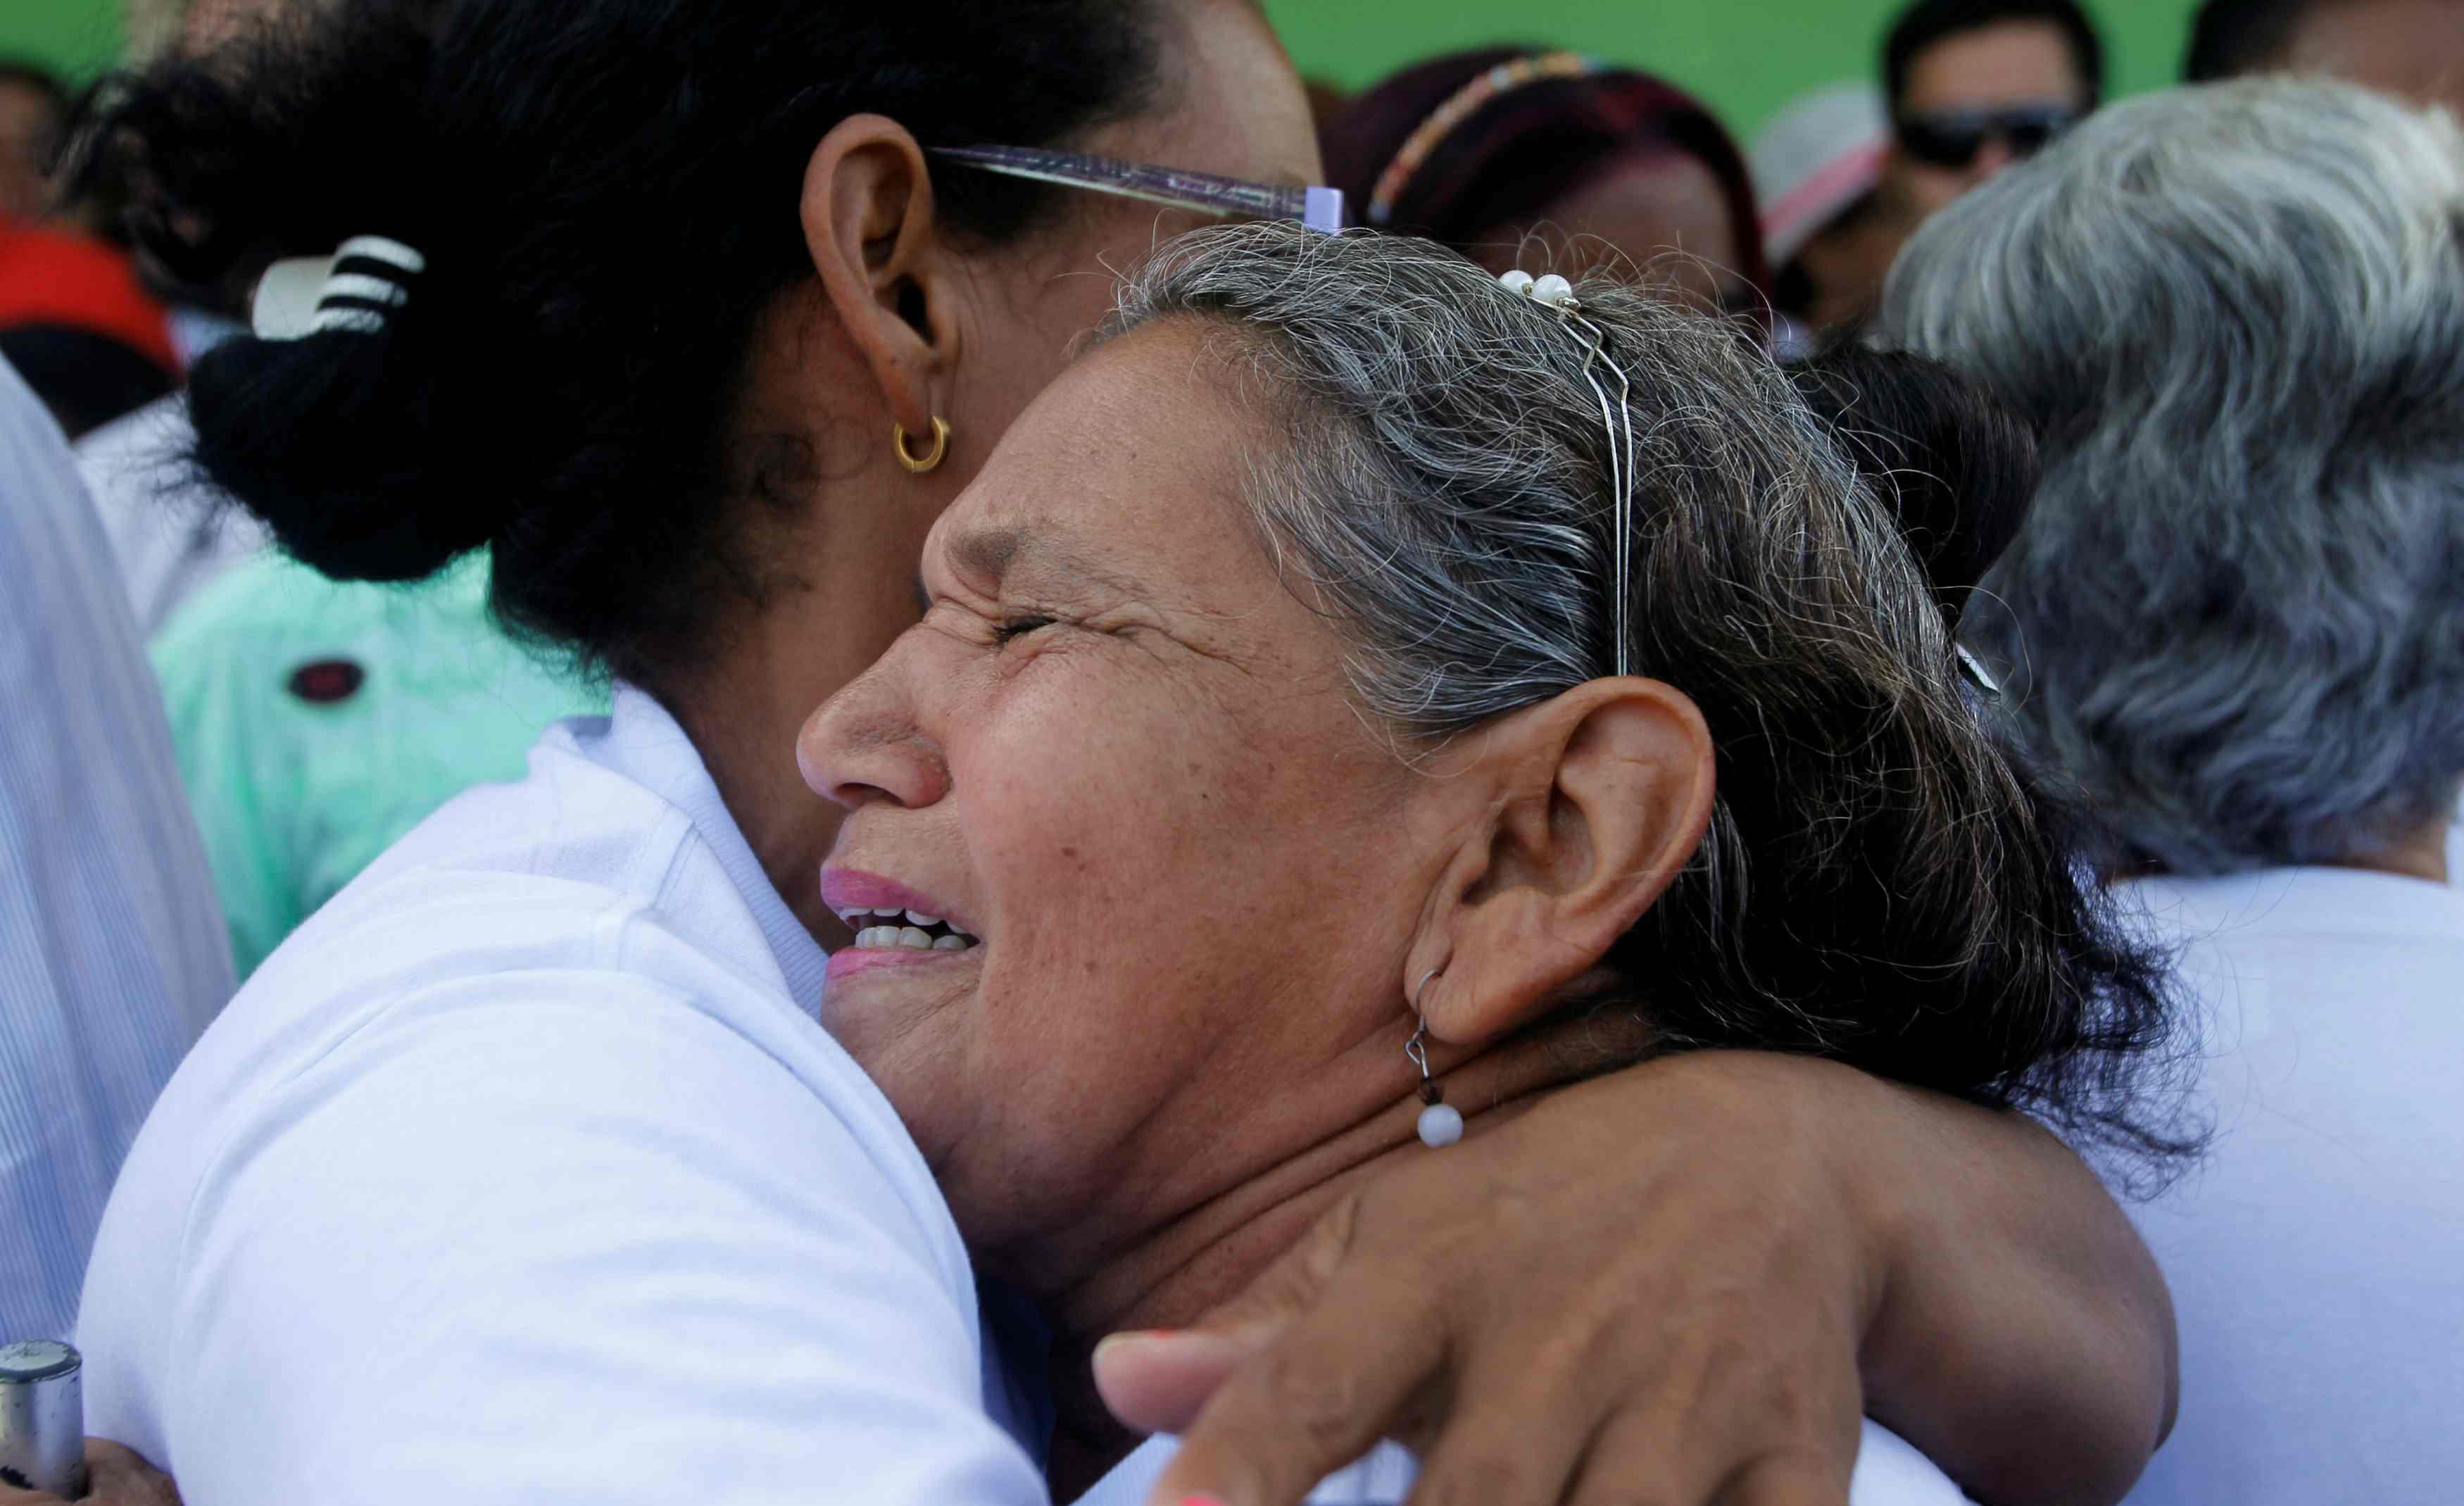 La aeronave trasladaba a 11 personas de Medellín al Chocó. Siete personas también resultaron heridas